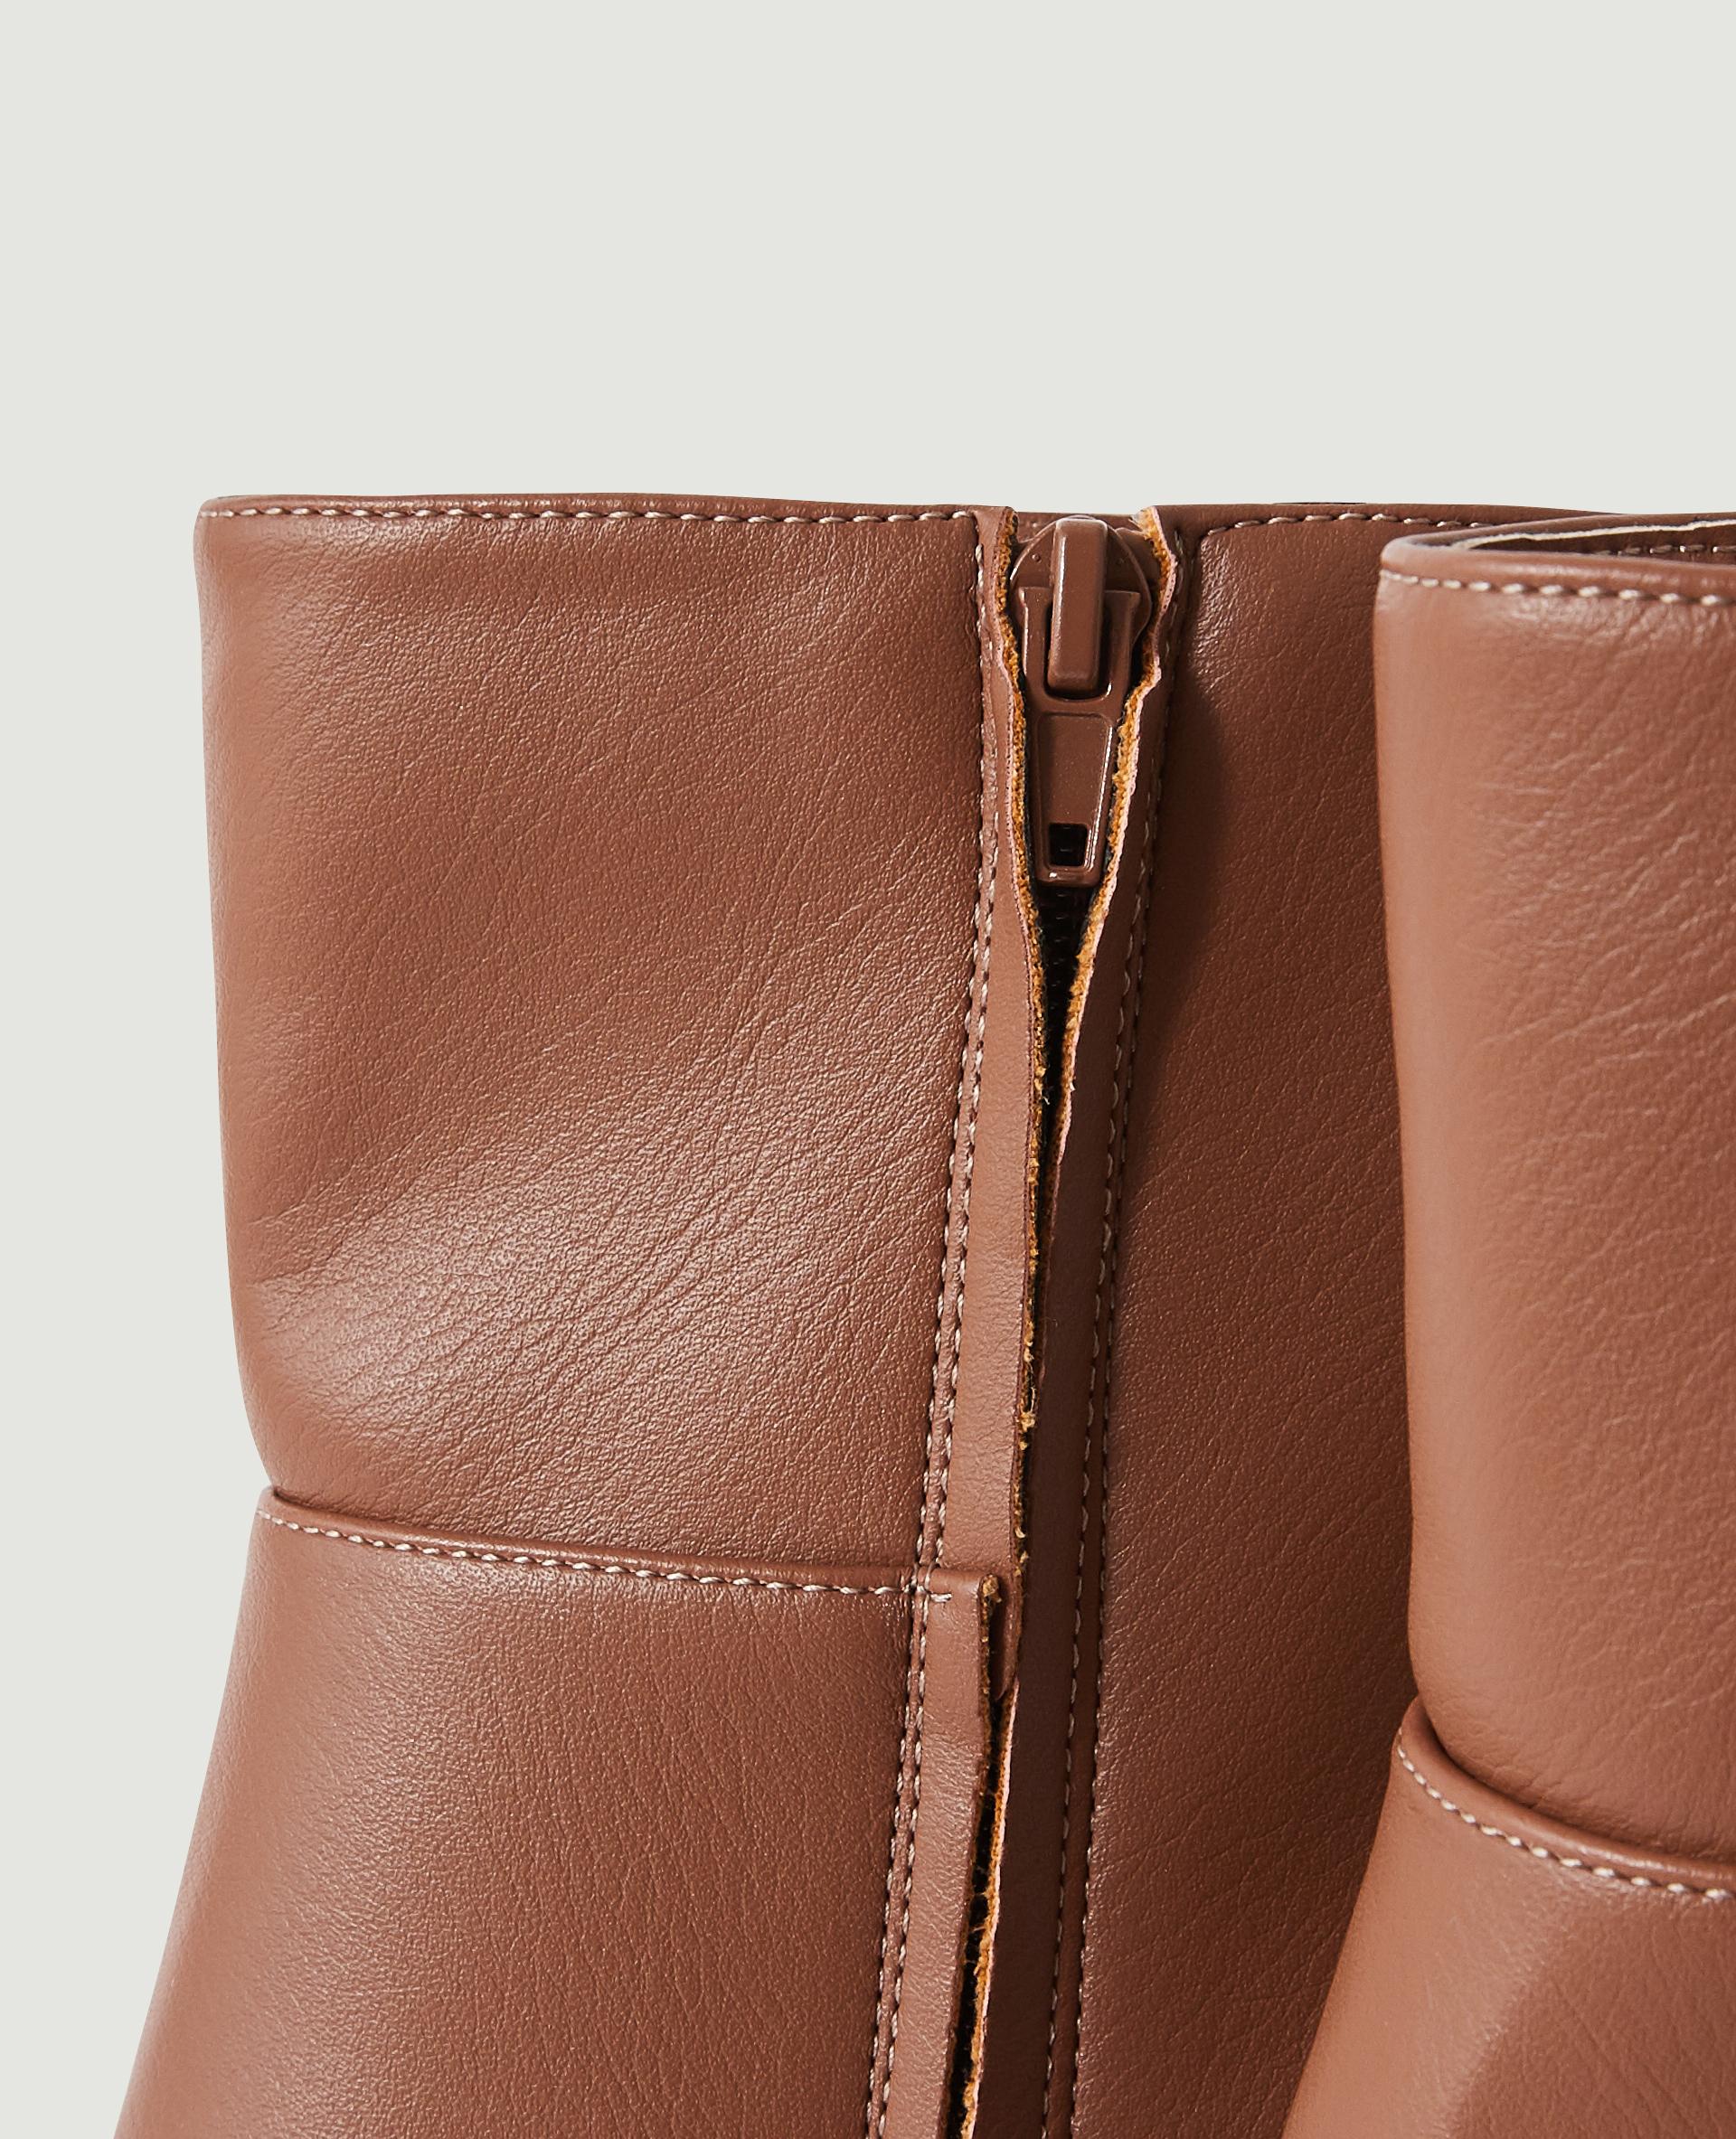 Bottines pointues à talon en simili cuir marron - Pimkie